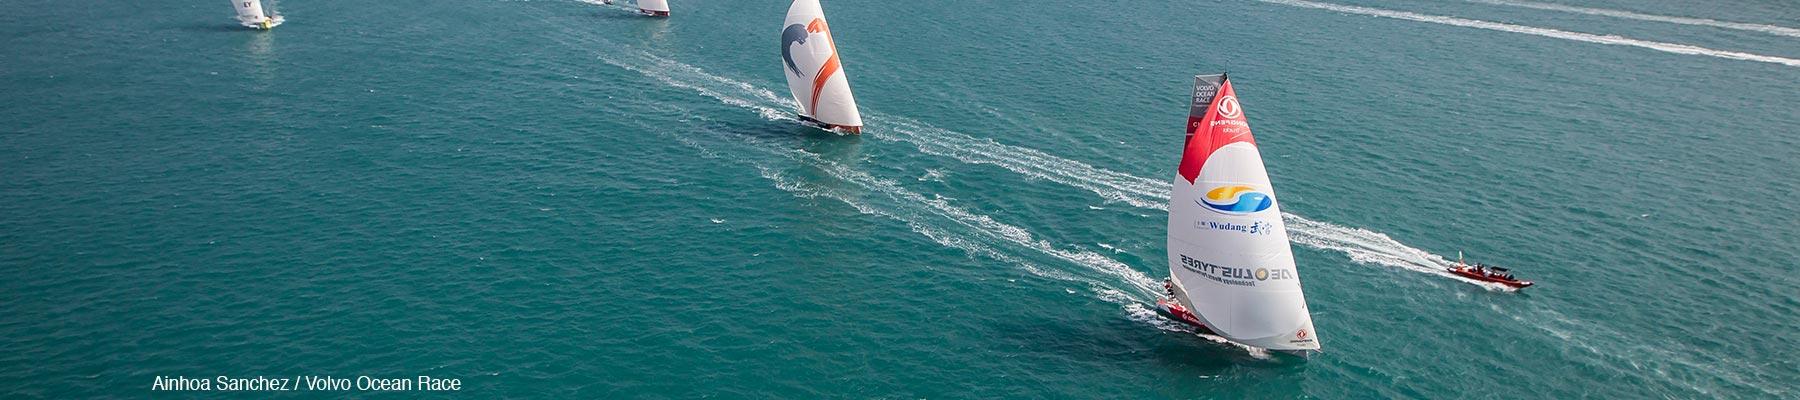 ESG-Sailing-Banner-1-Home3